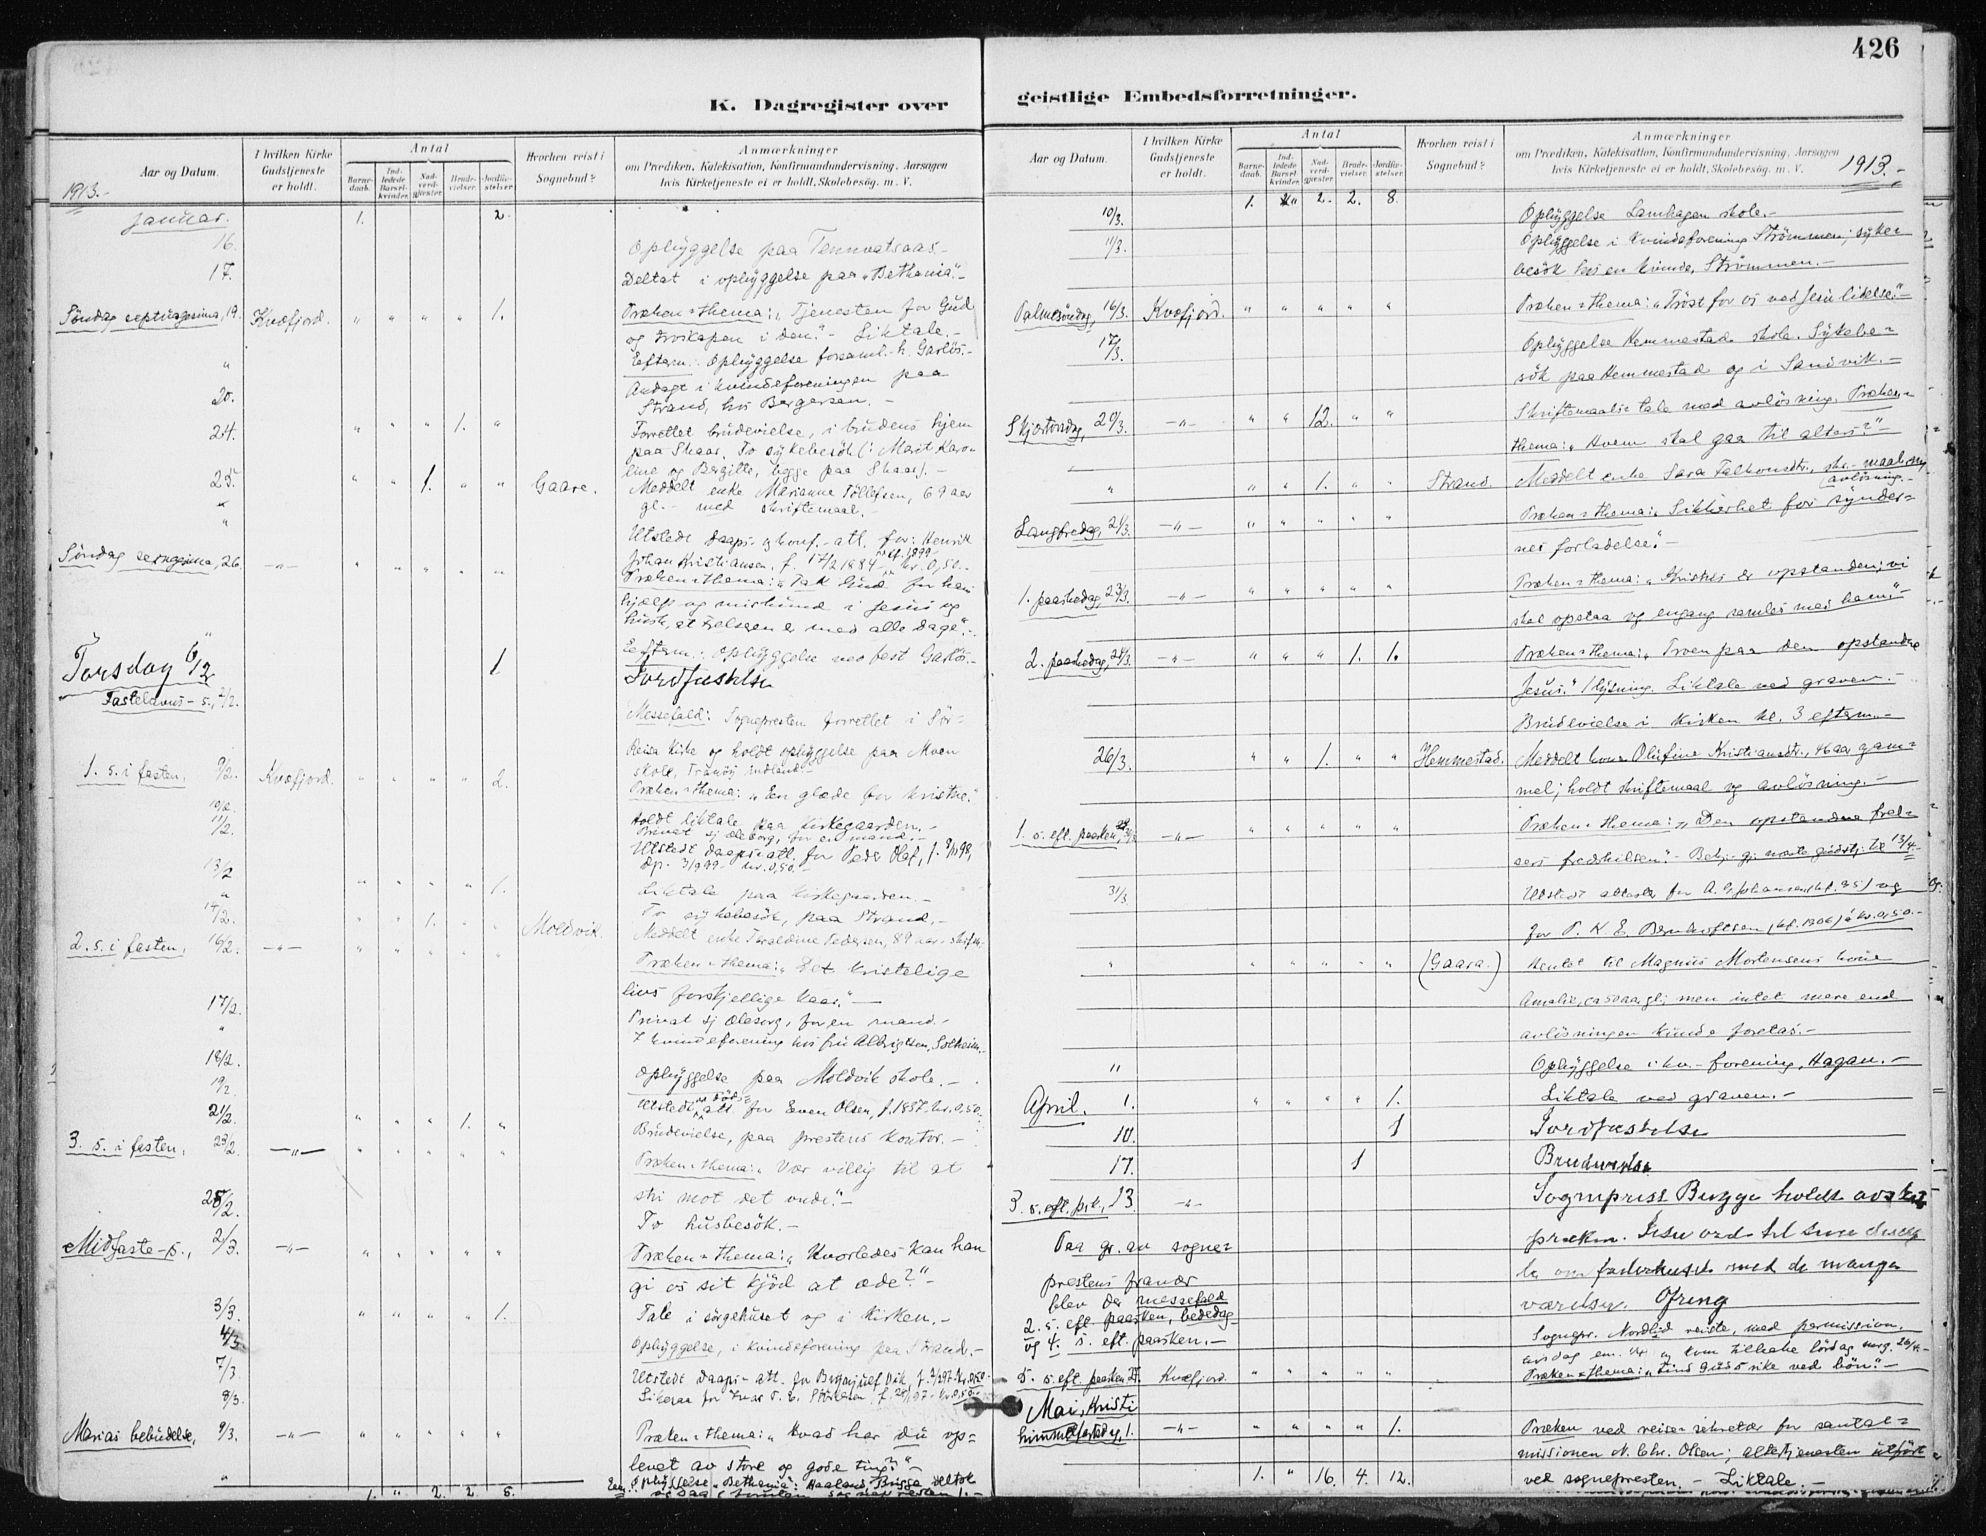 SATØ, Kvæfjord sokneprestkontor, G/Ga/Gaa/L0006kirke: Parish register (official) no. 6, 1895-1914, p. 426